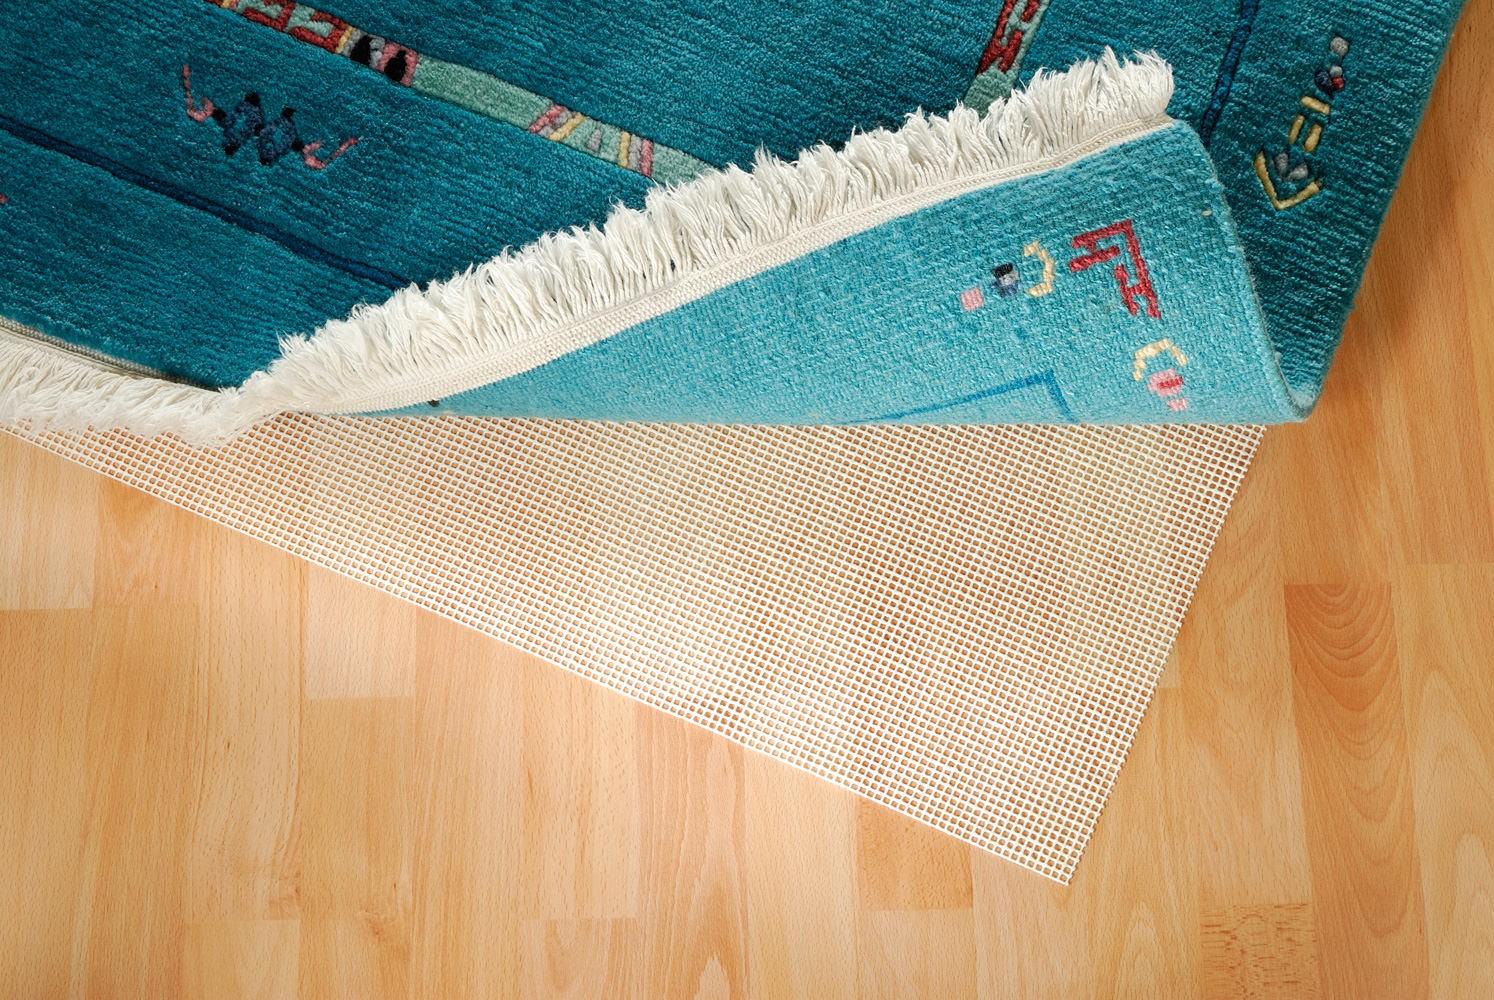 Teppichunterlage Gitter Star breite 160 cm (für glatte Böden)